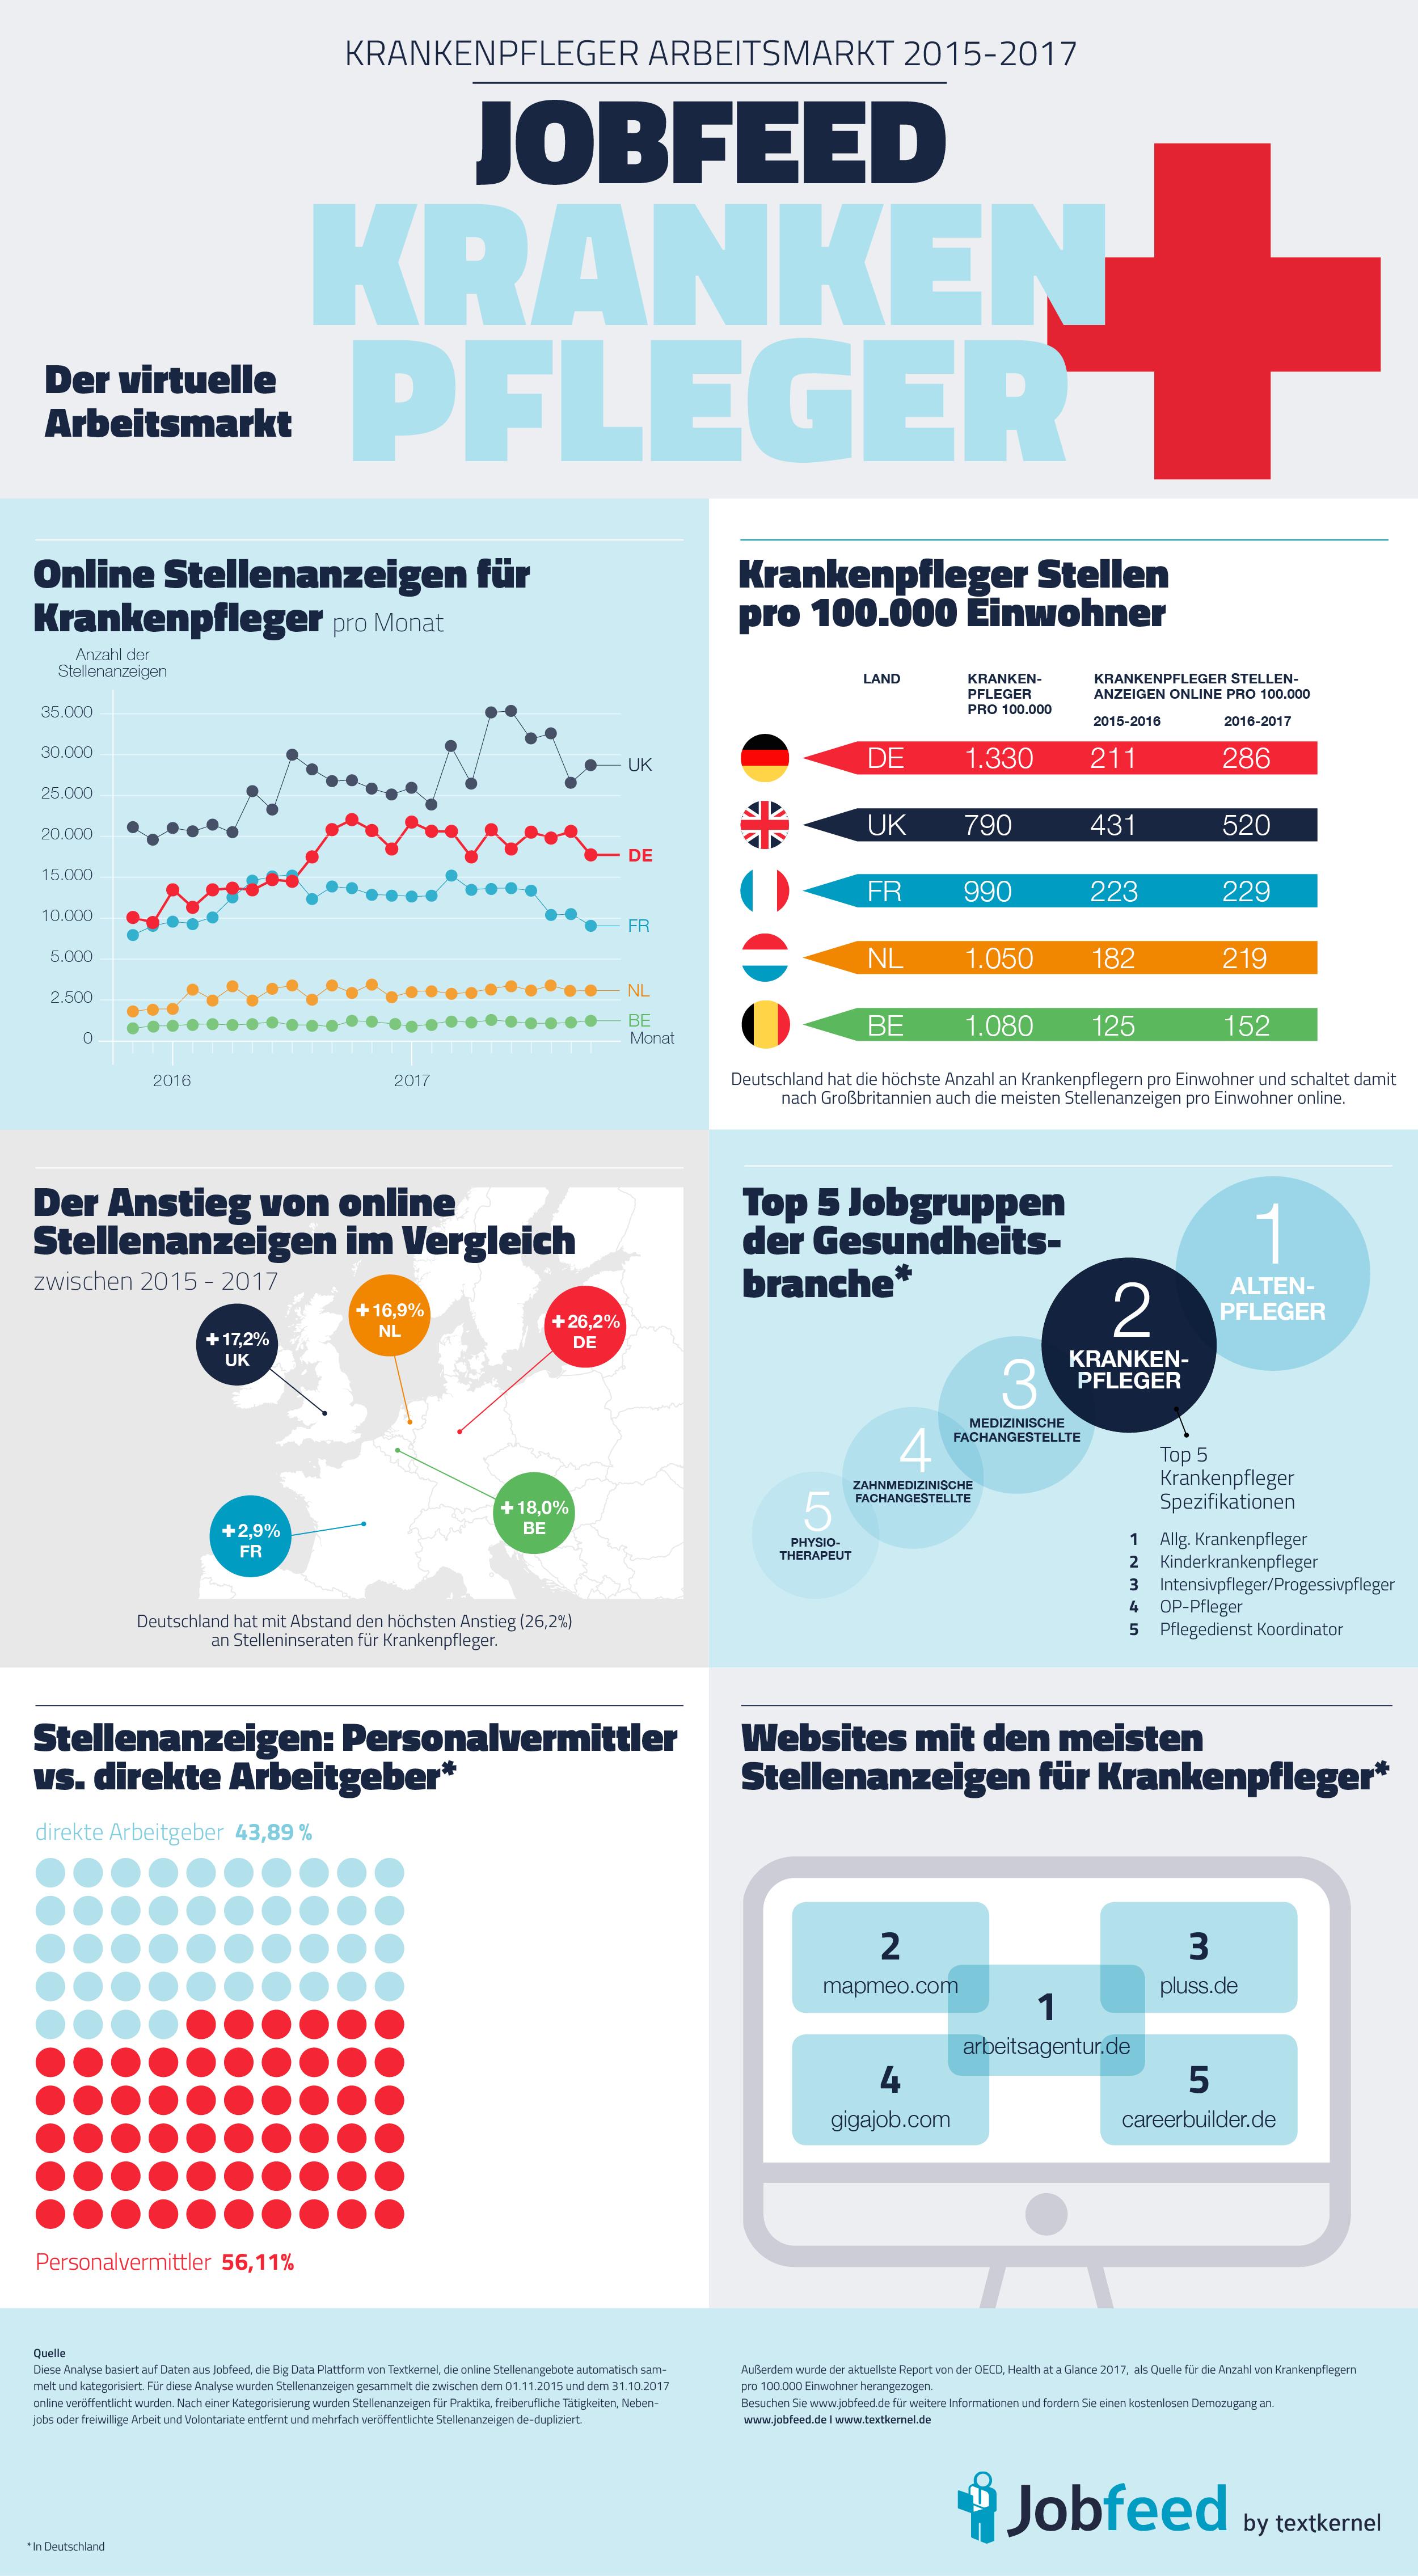 Virtueller Arbeitsmarkt Gesundheits- und Krankenpfleger in Deutschland